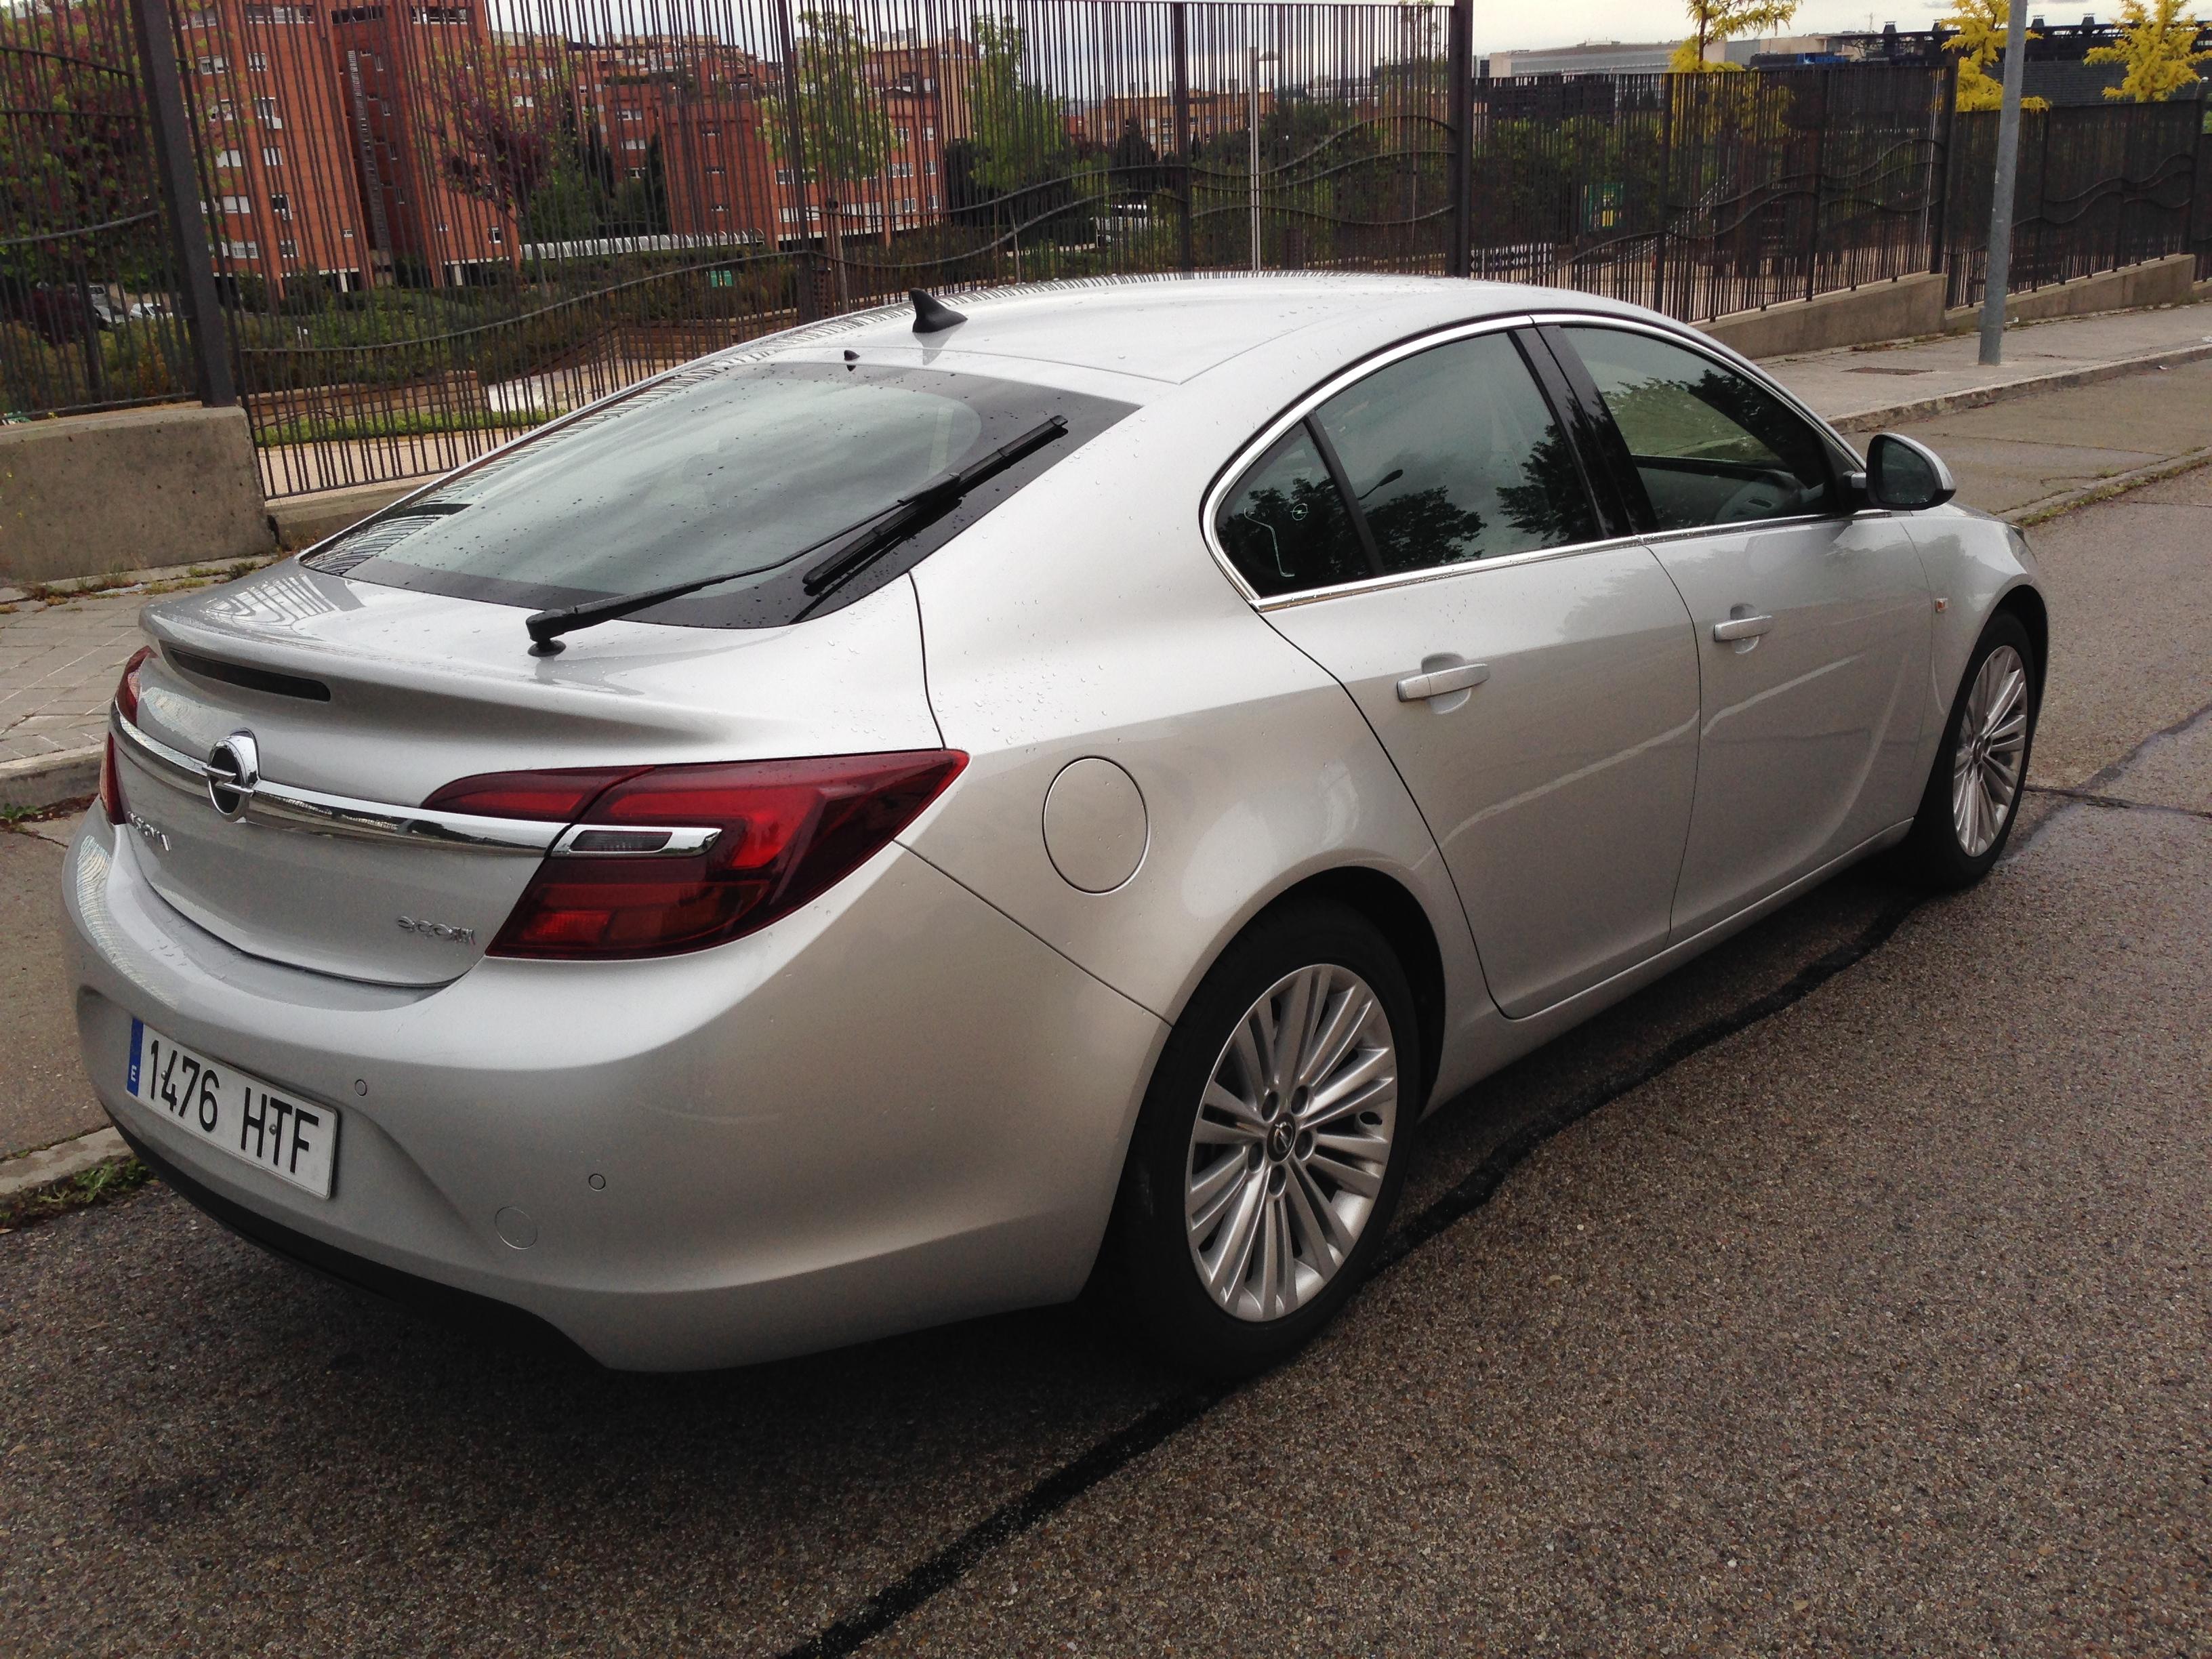 Prueba opel insignia 2 0 cdti 140 cv 5 puertas revista del motor - Opel astra 5 puertas ...